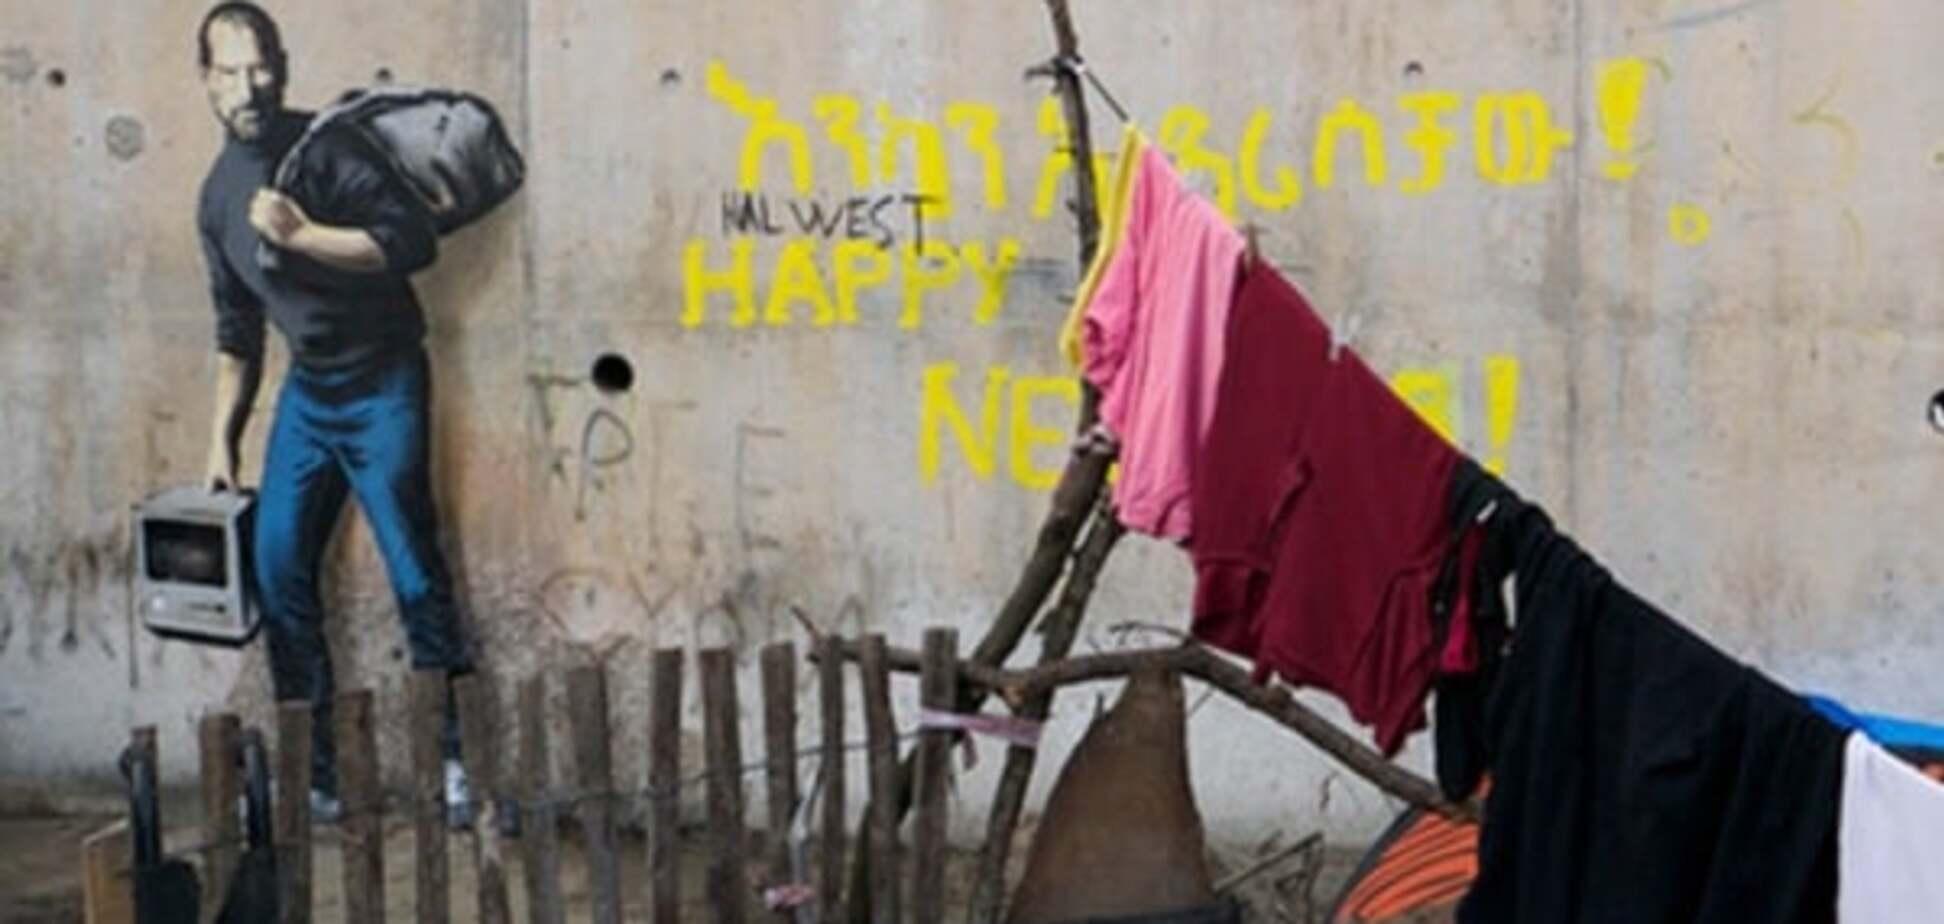 Джобс - мігрант із Сирії: Бенксі представив атмосферний графіті